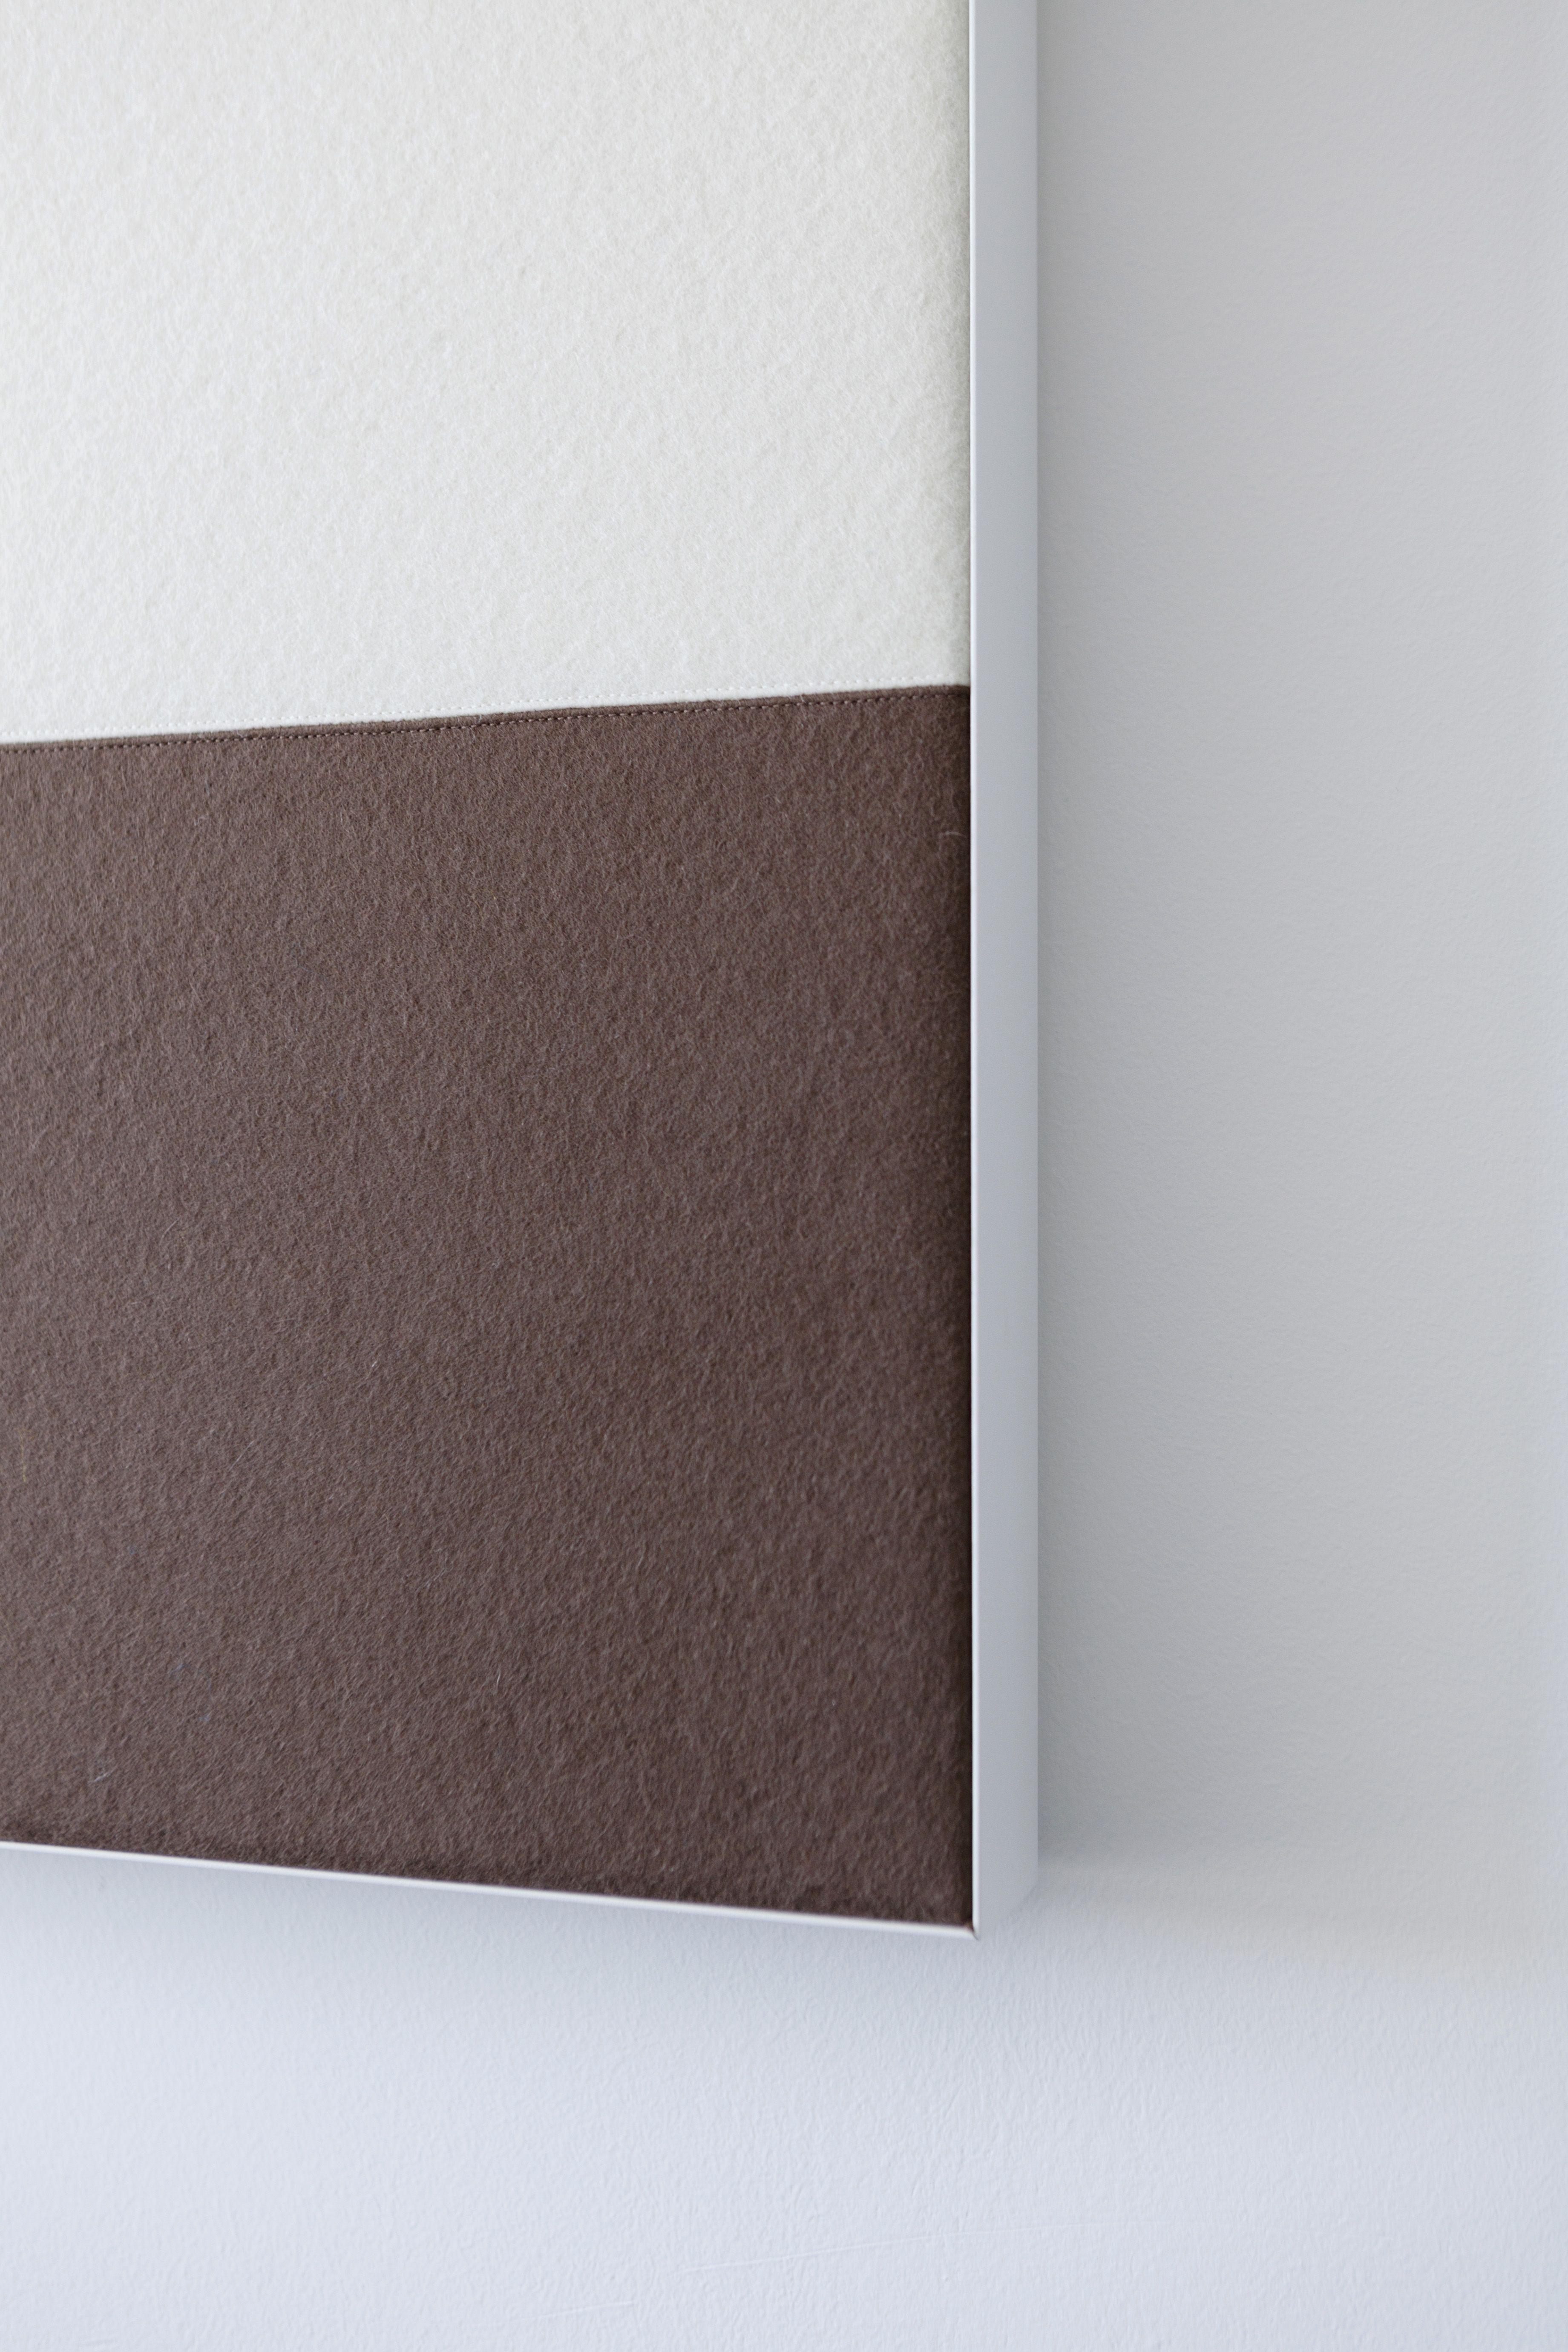 der hochwirksame absorber mit der ausdrucksvollen reinwollfilz umspannung verhindert. Black Bedroom Furniture Sets. Home Design Ideas